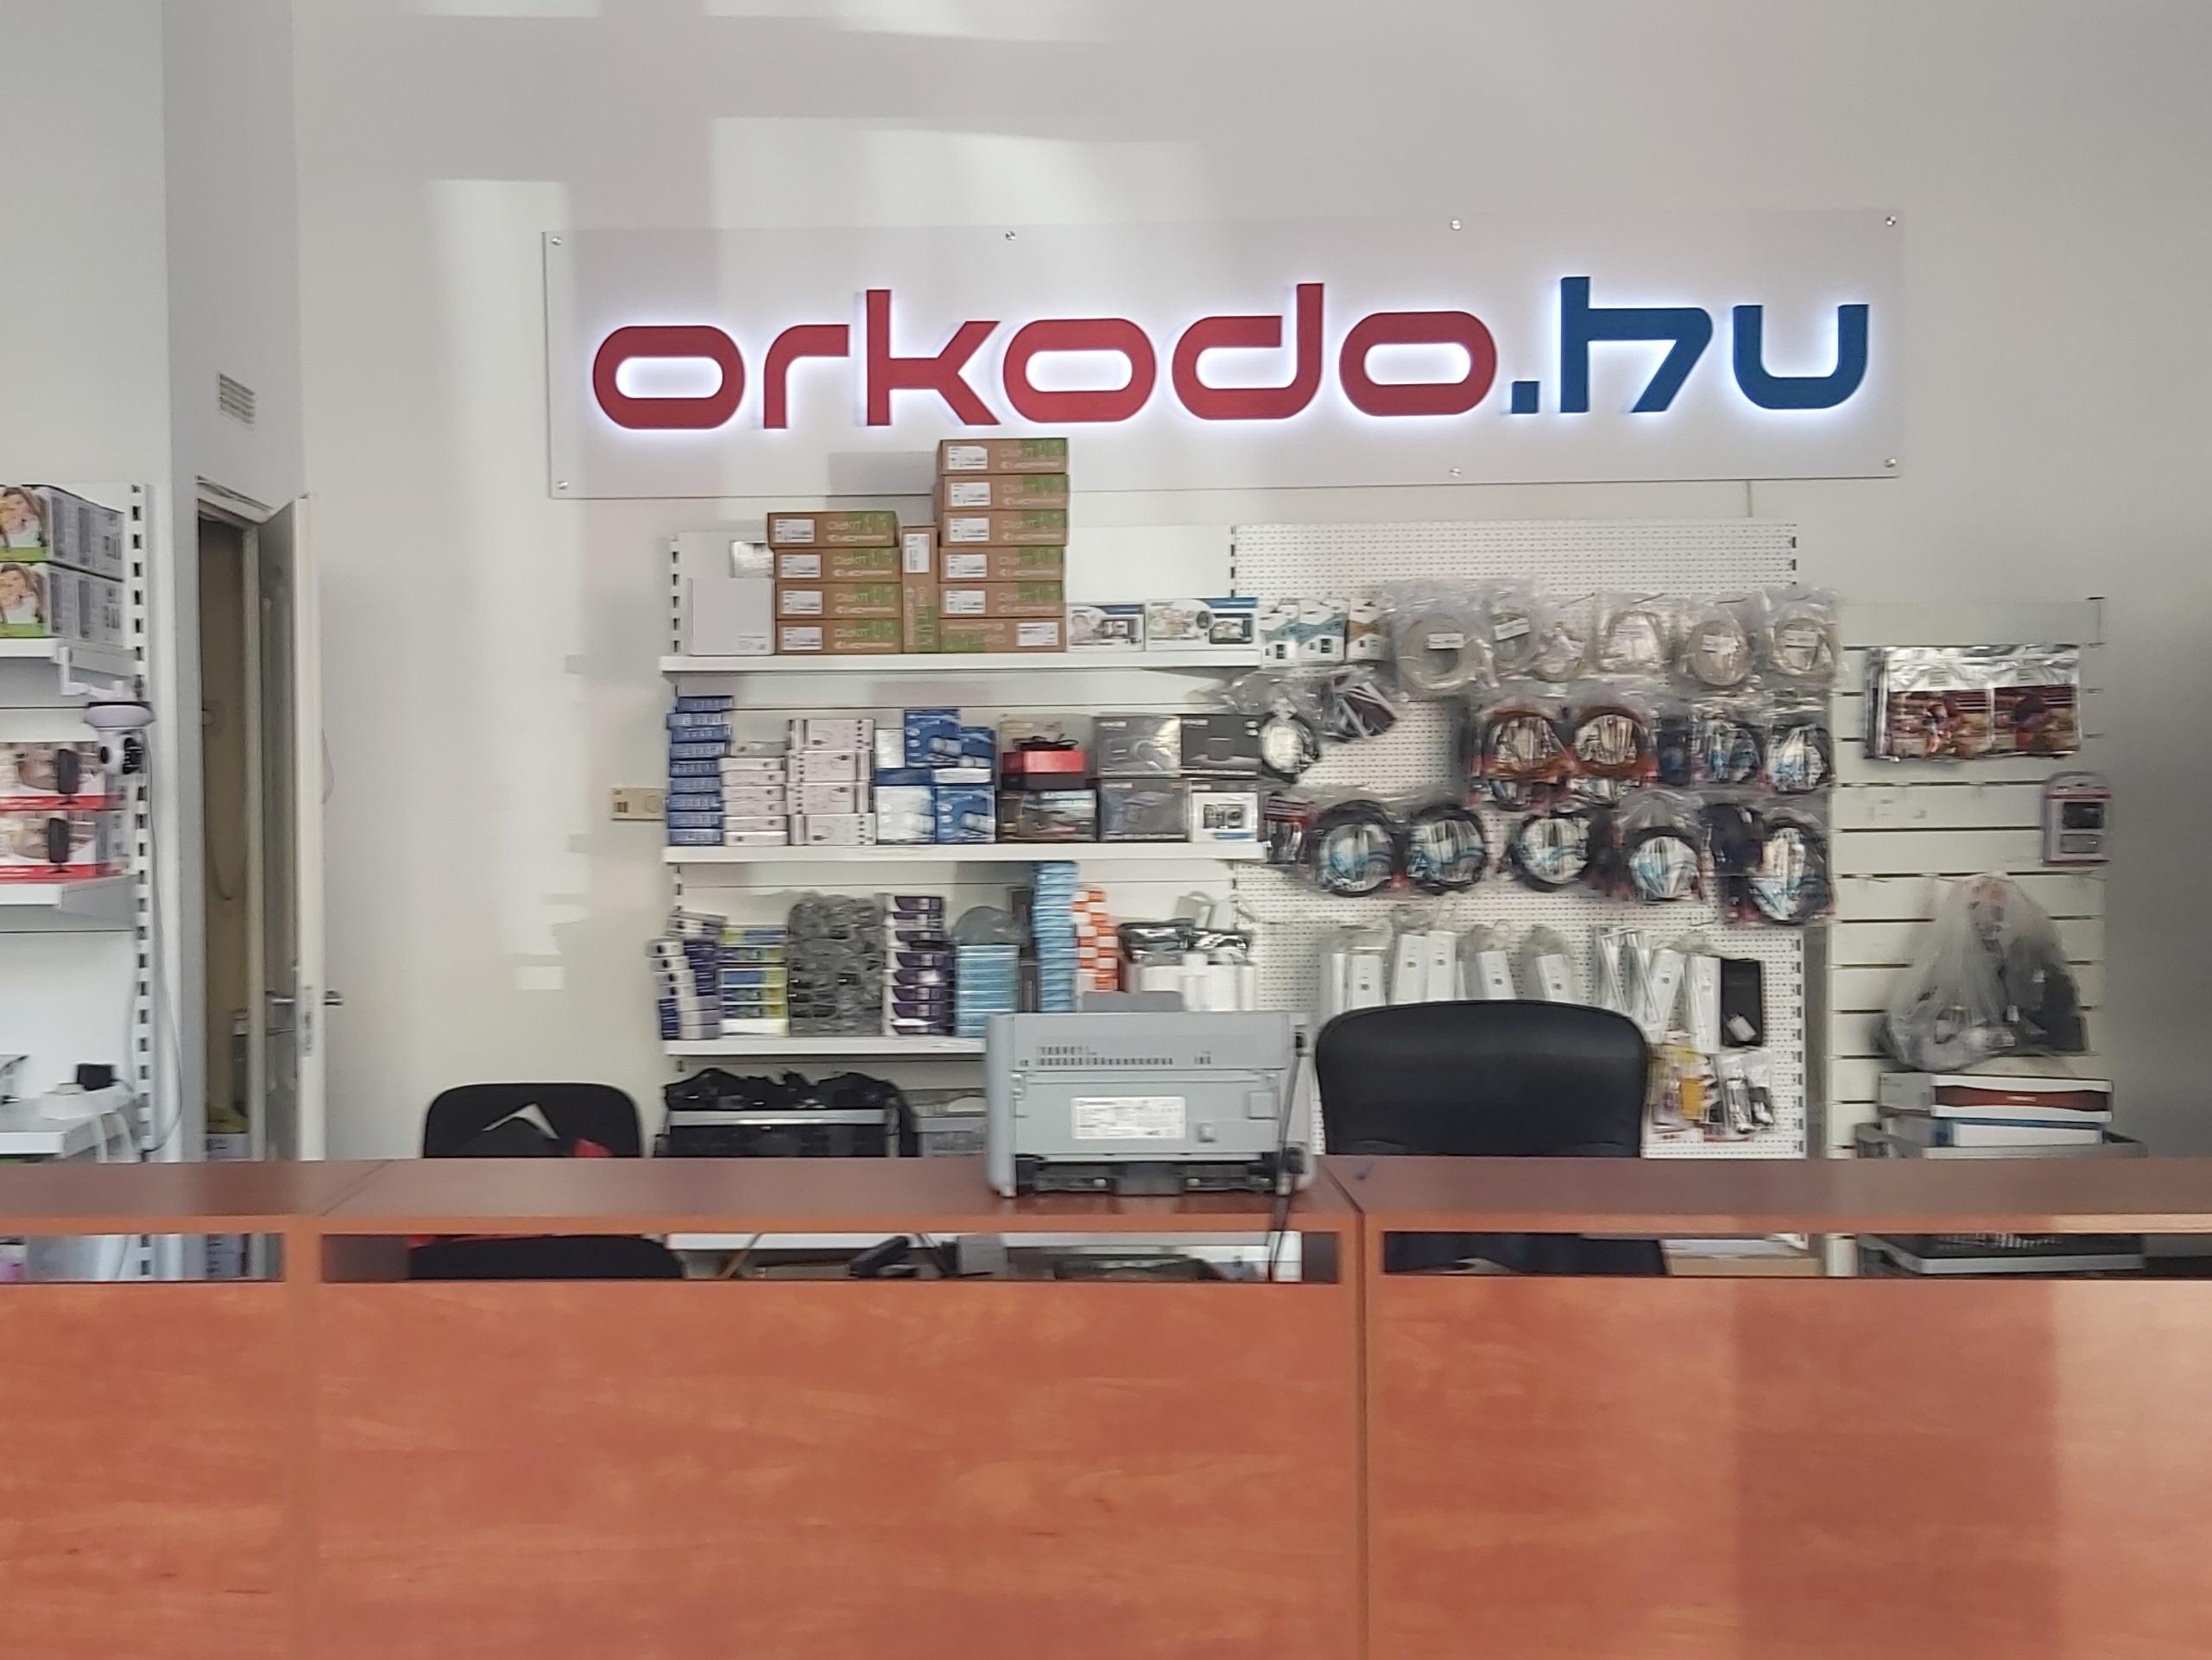 Orkodo